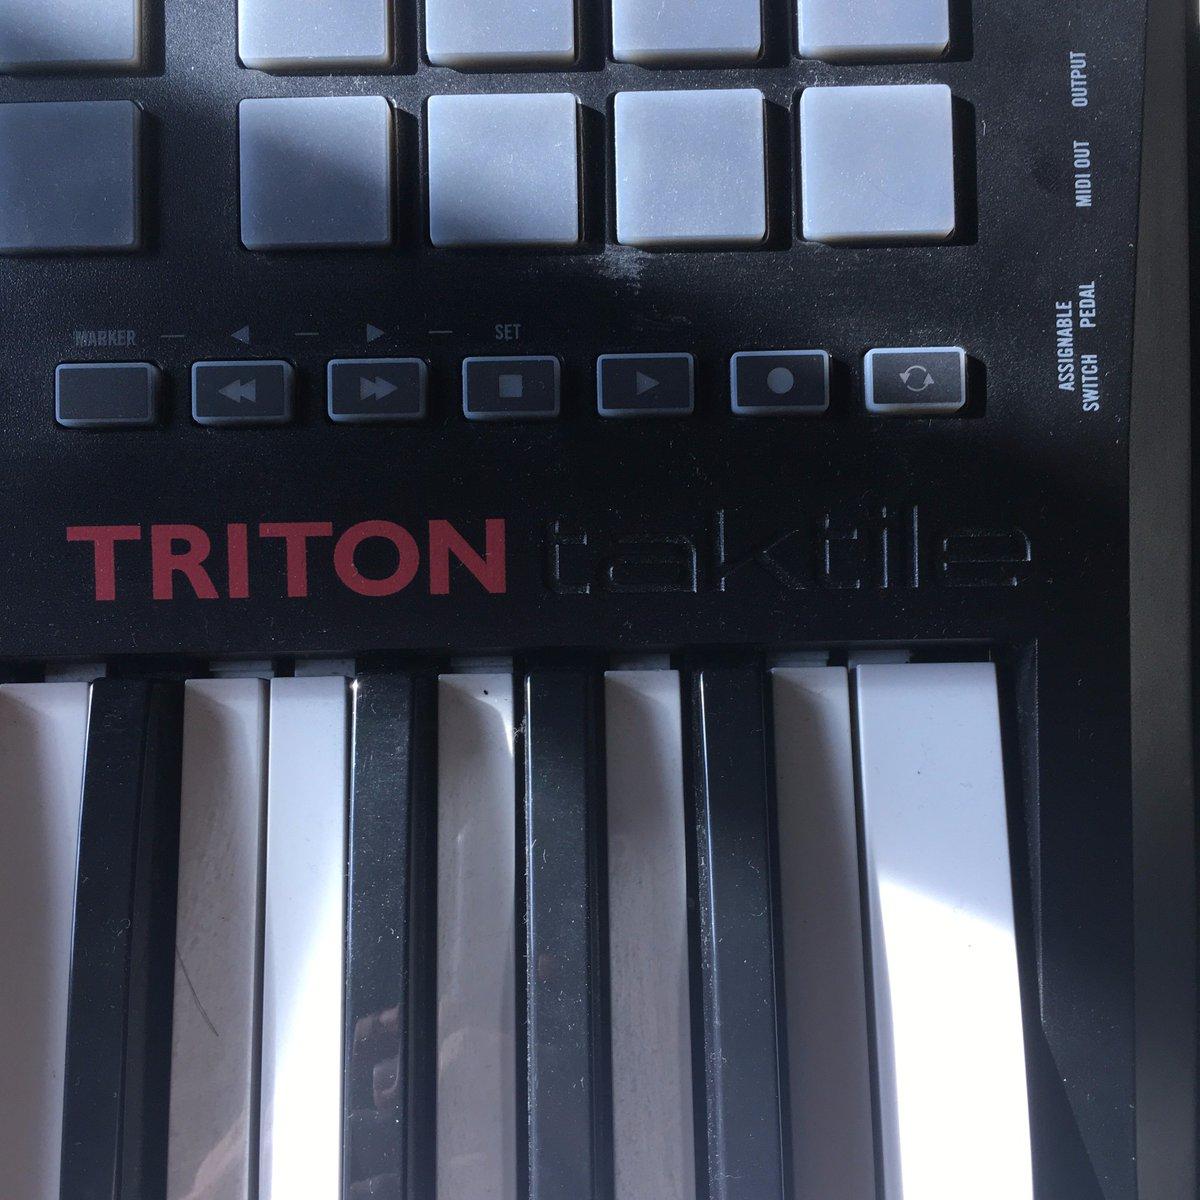 For korg triton studio 76